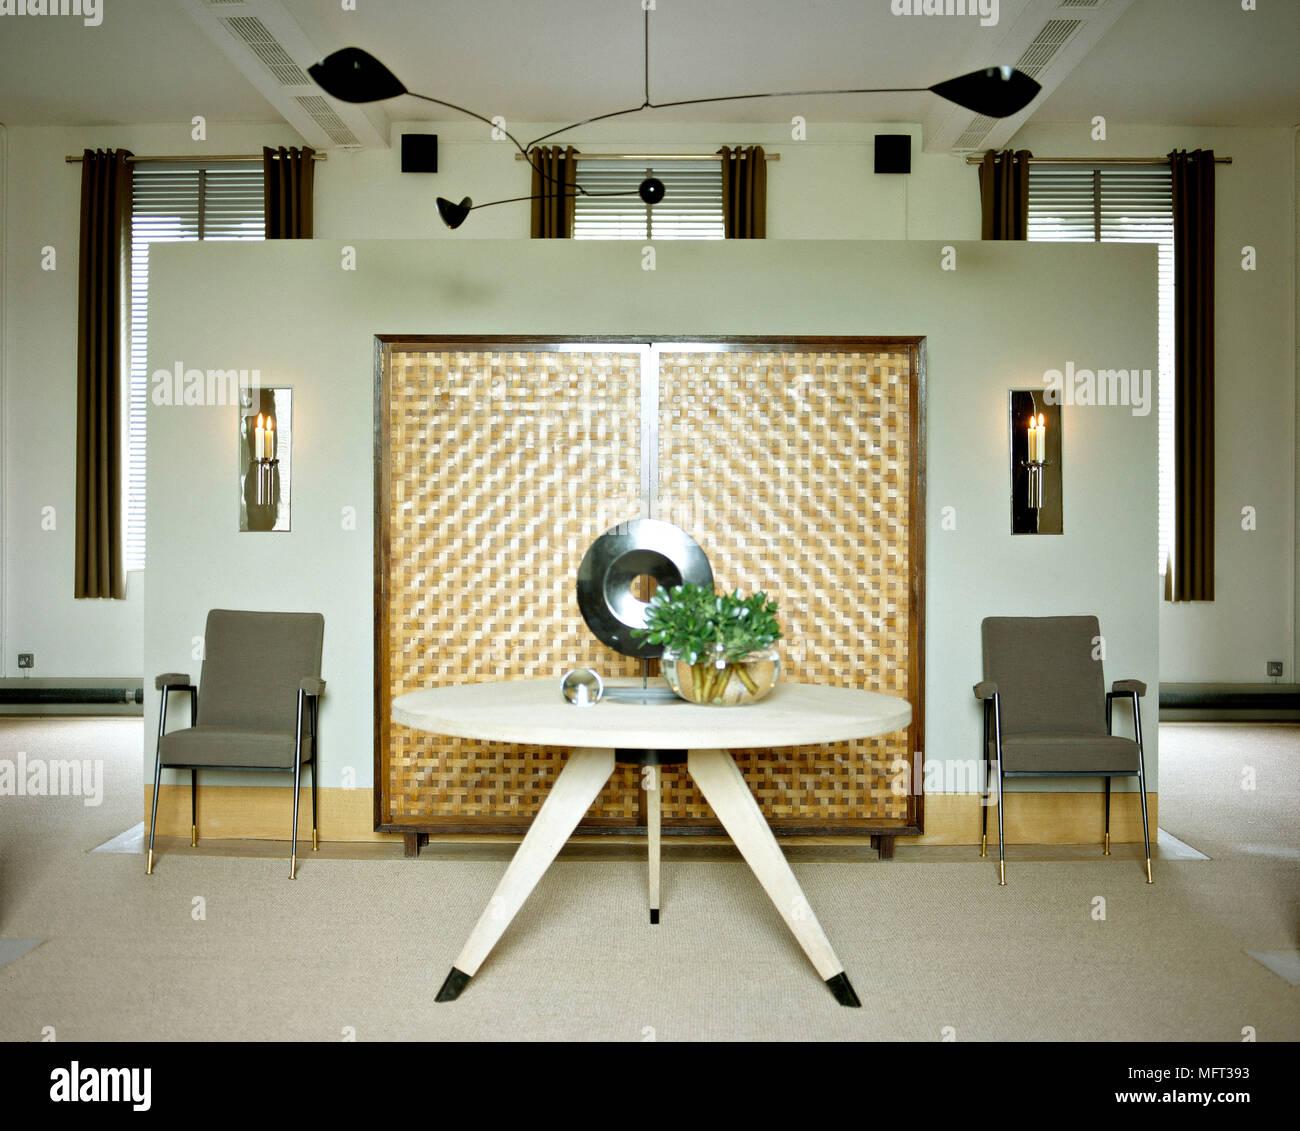 Moderne Offene Wohnzimmer Zentrale Trennwand Sessel Tisch Interieur